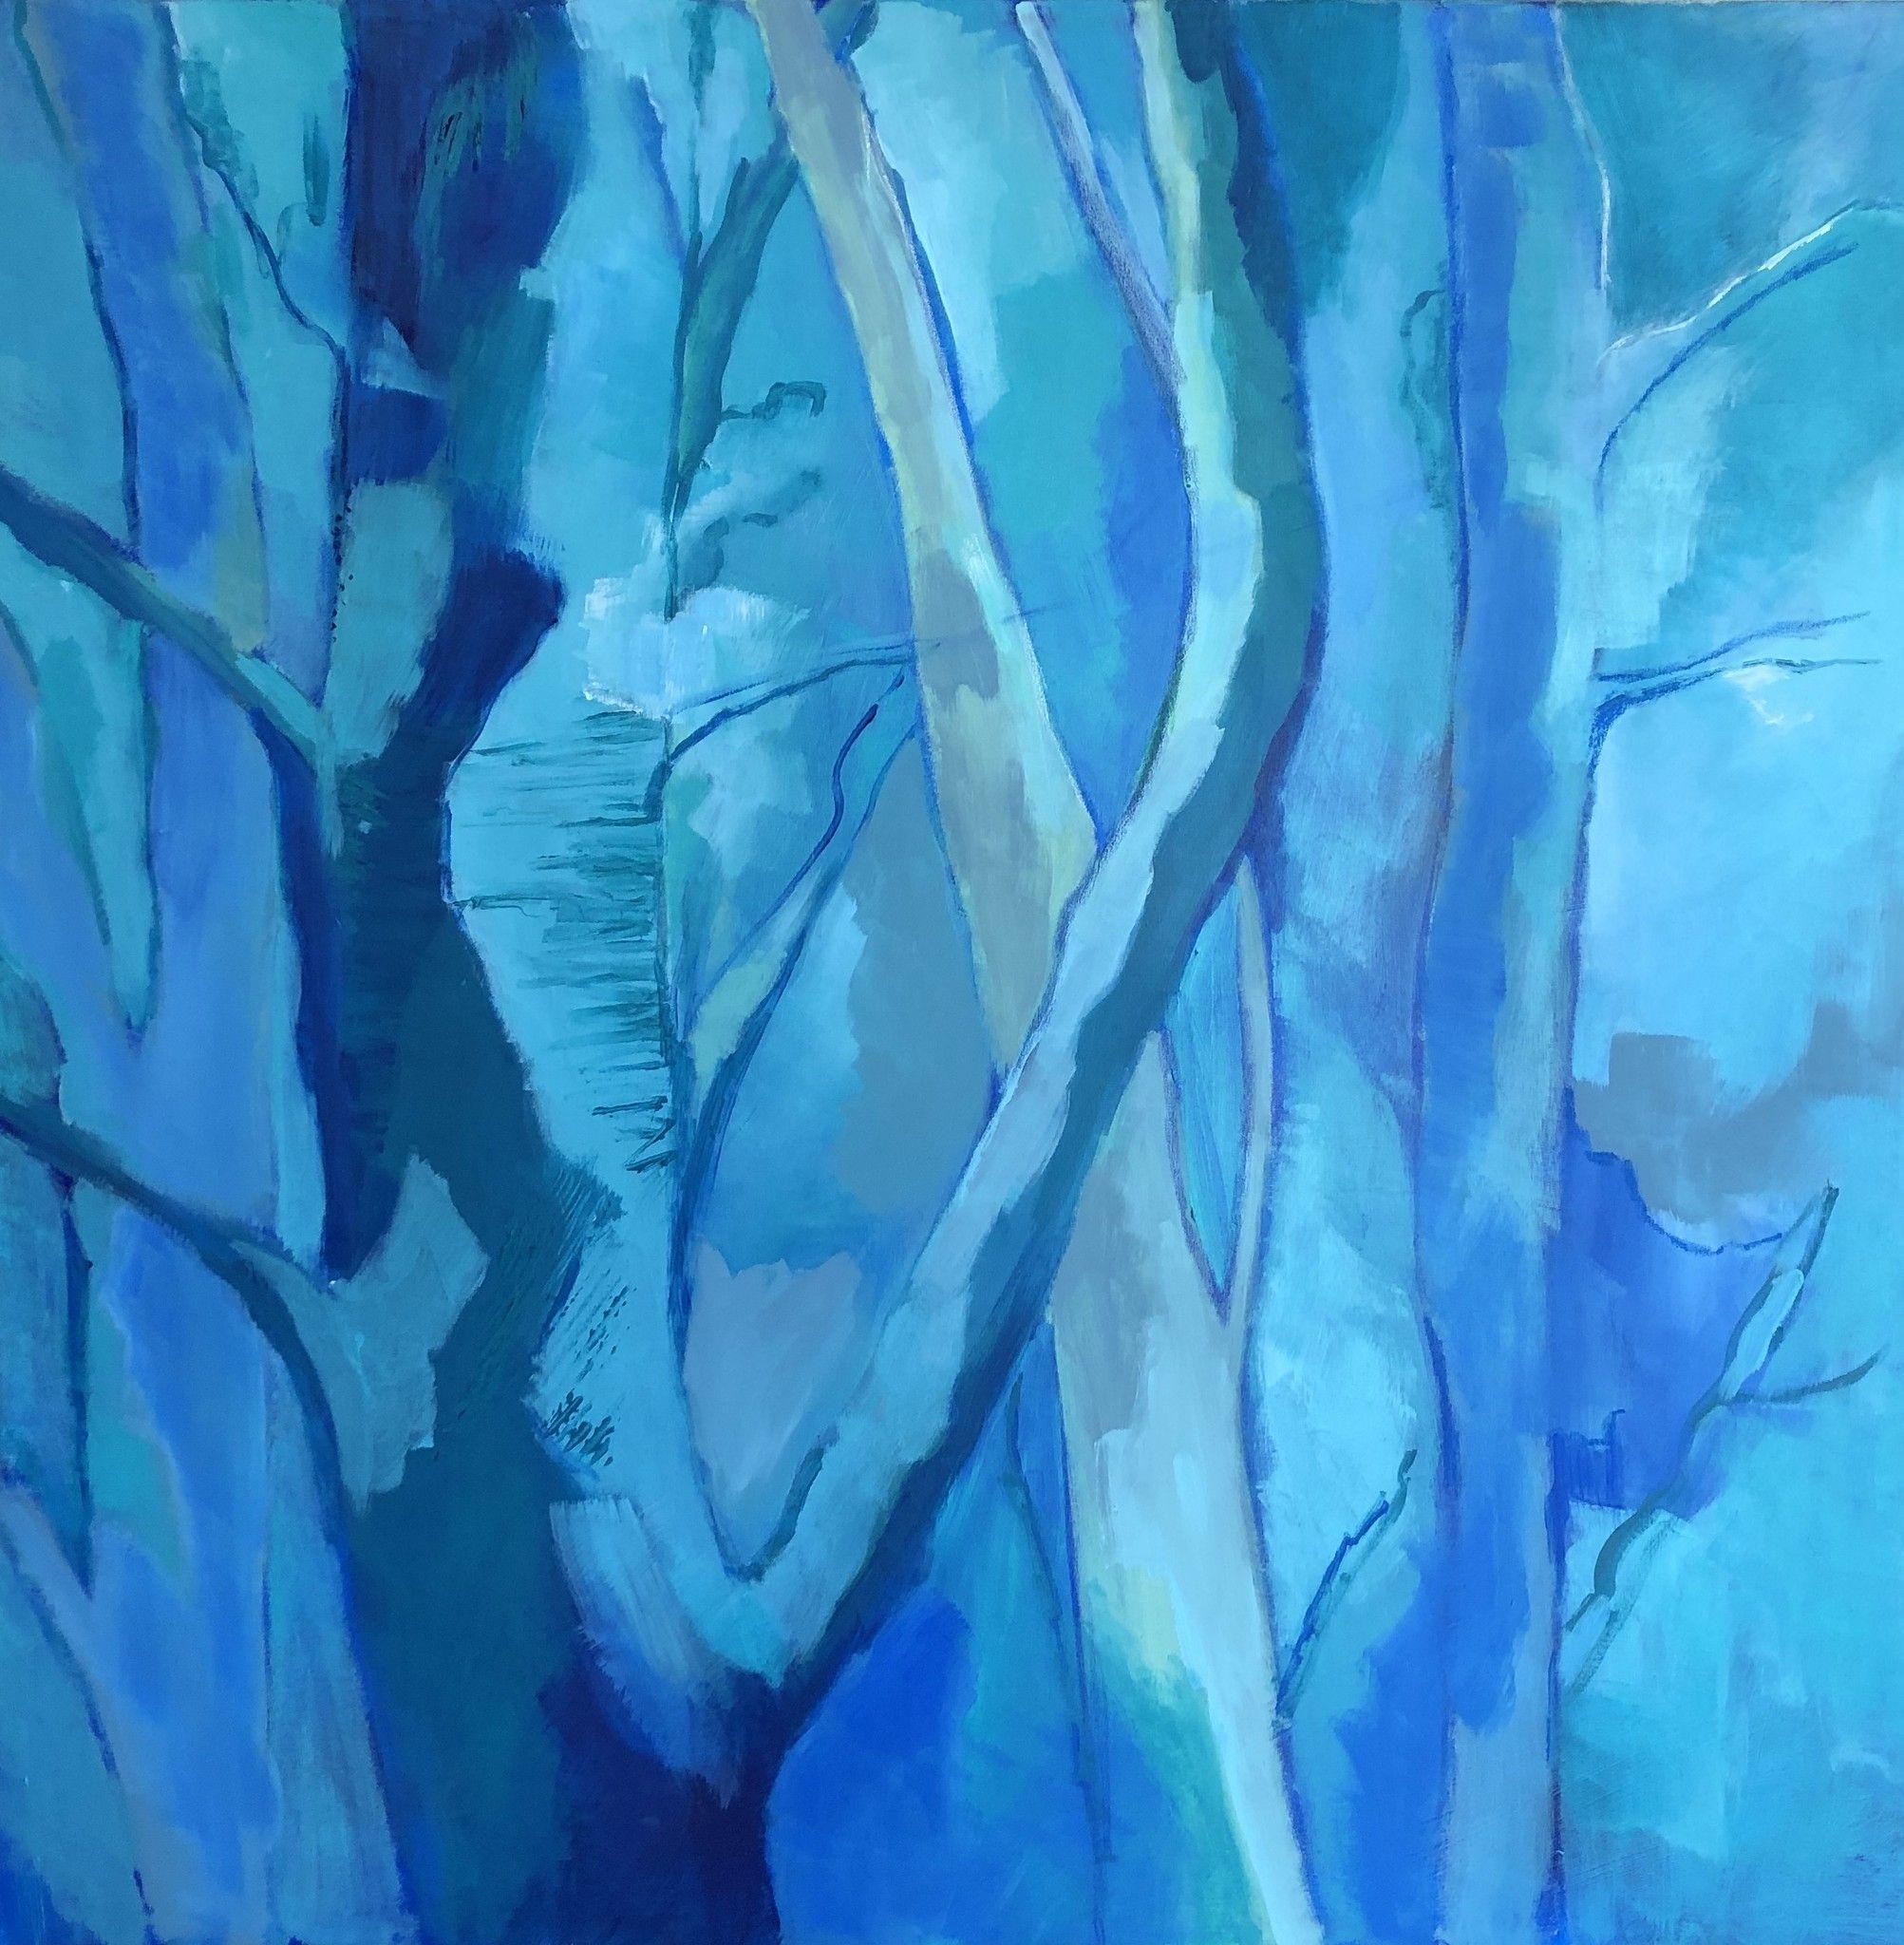 MIXED MEDIA BIANCA BEGHIN ' SENZA FINE '  dimensioni L 80 x H 80 cm.